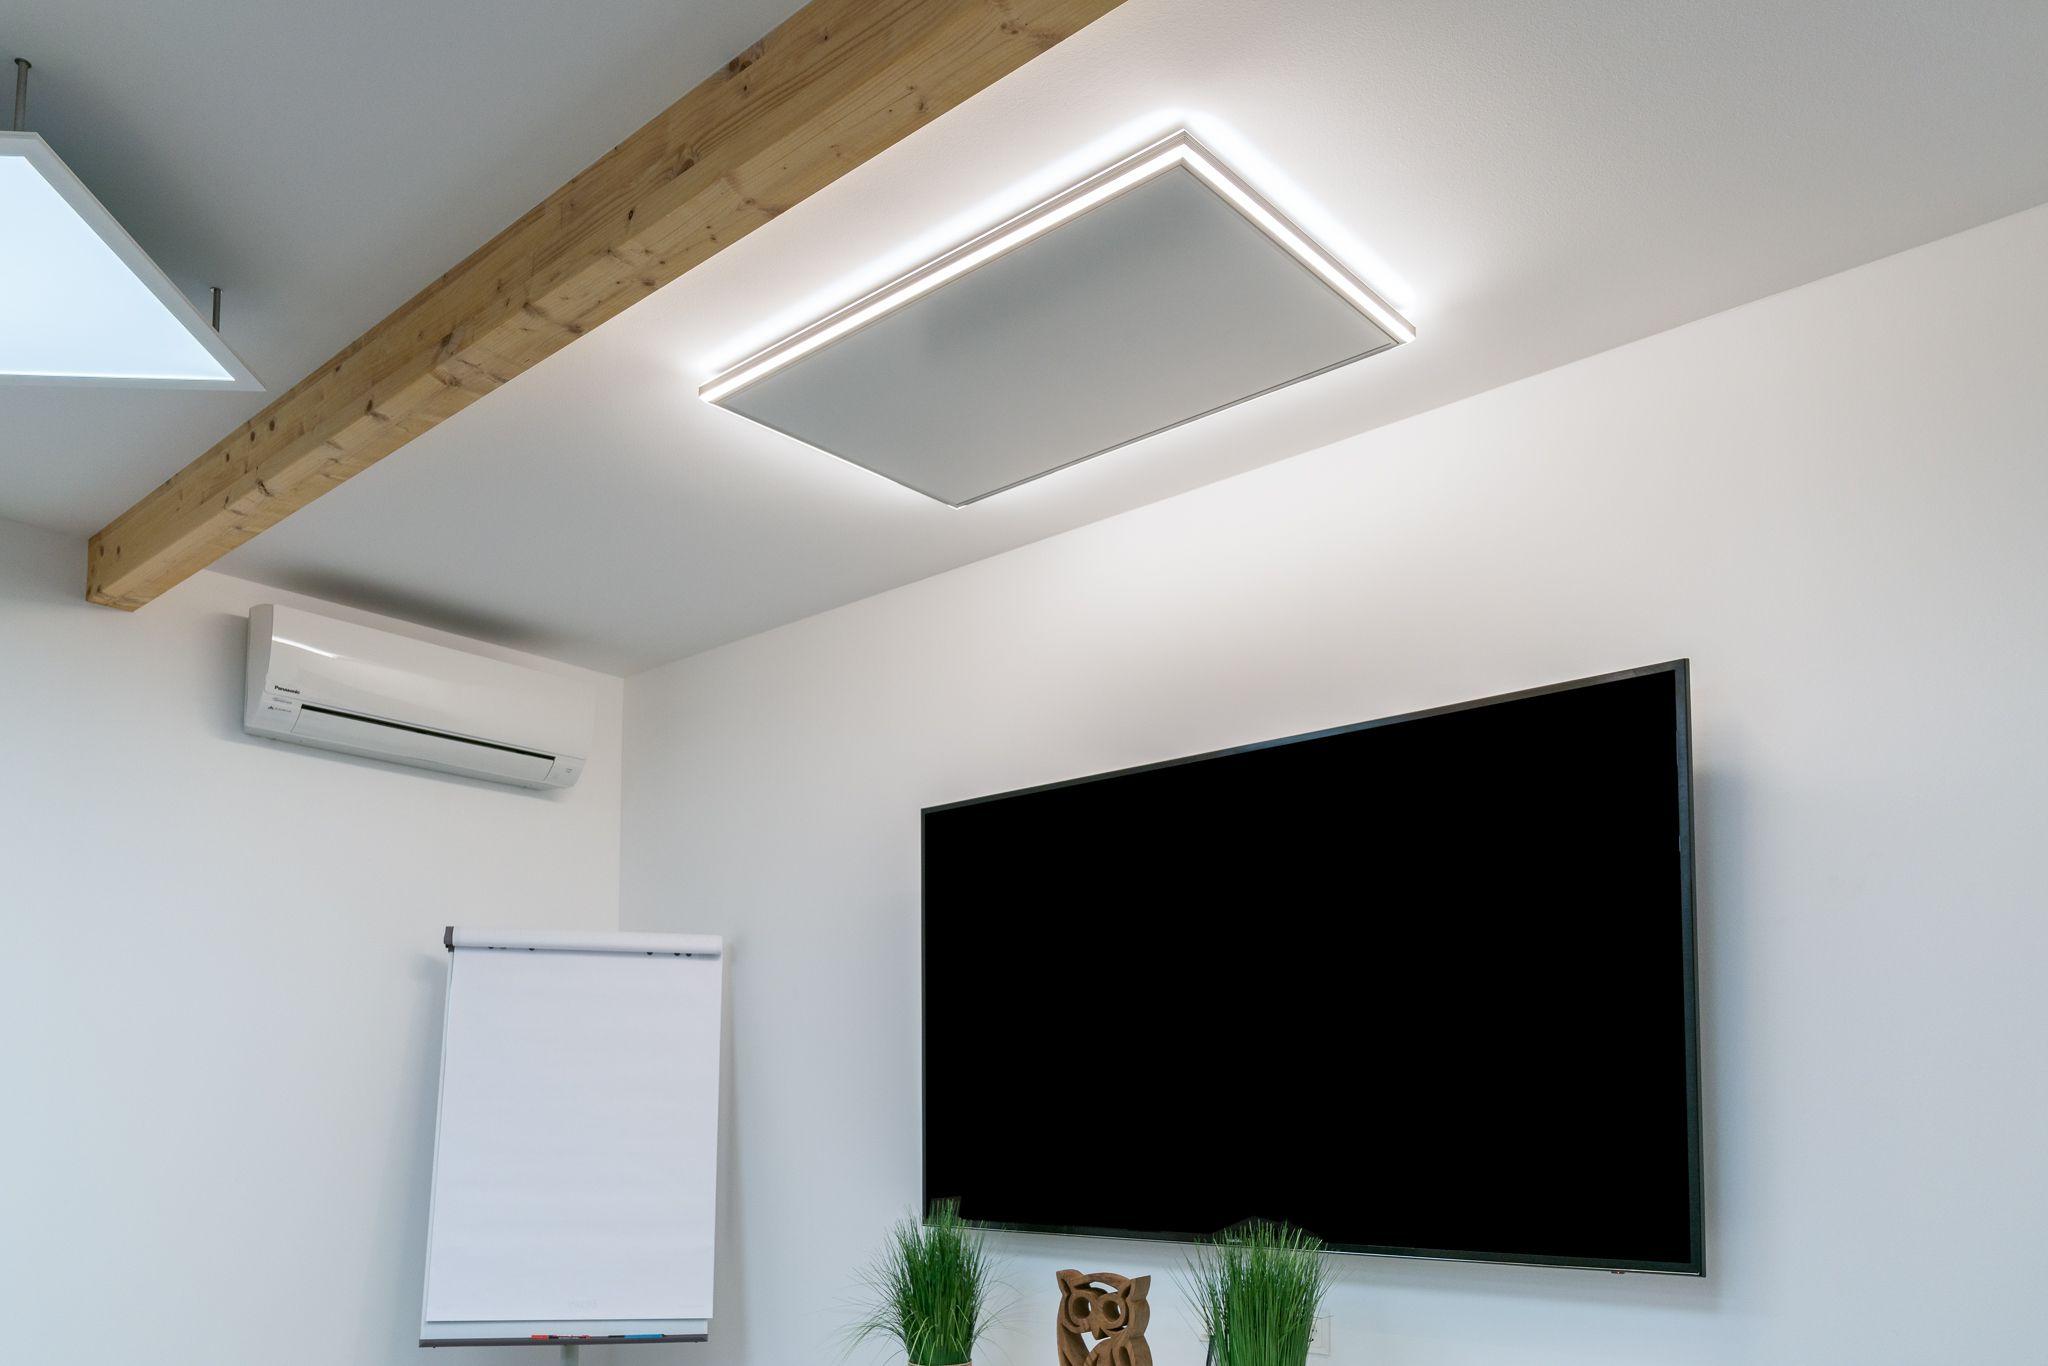 Easylight Lichtrahmen Fur Ihre Infrarotheizungen Warme Und Licht In Einem Was Will Man Mehr Jetzt Gibt Es Die Erste Infraroth Infrarotheizung Licht Heizung